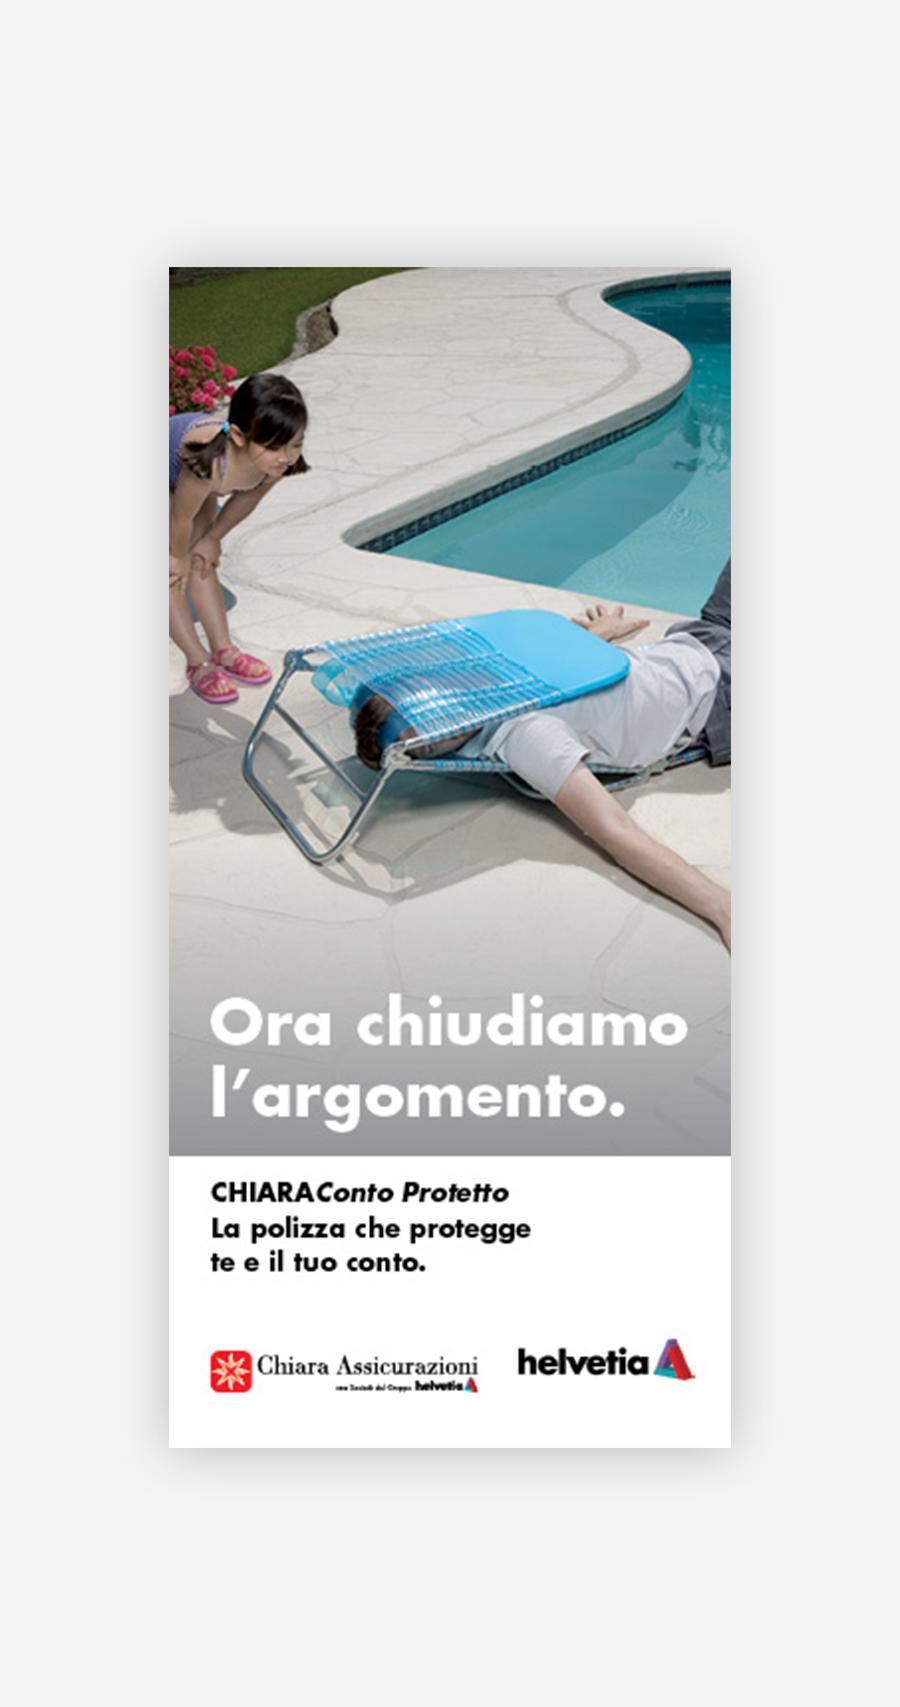 Chiara Assicurazioni